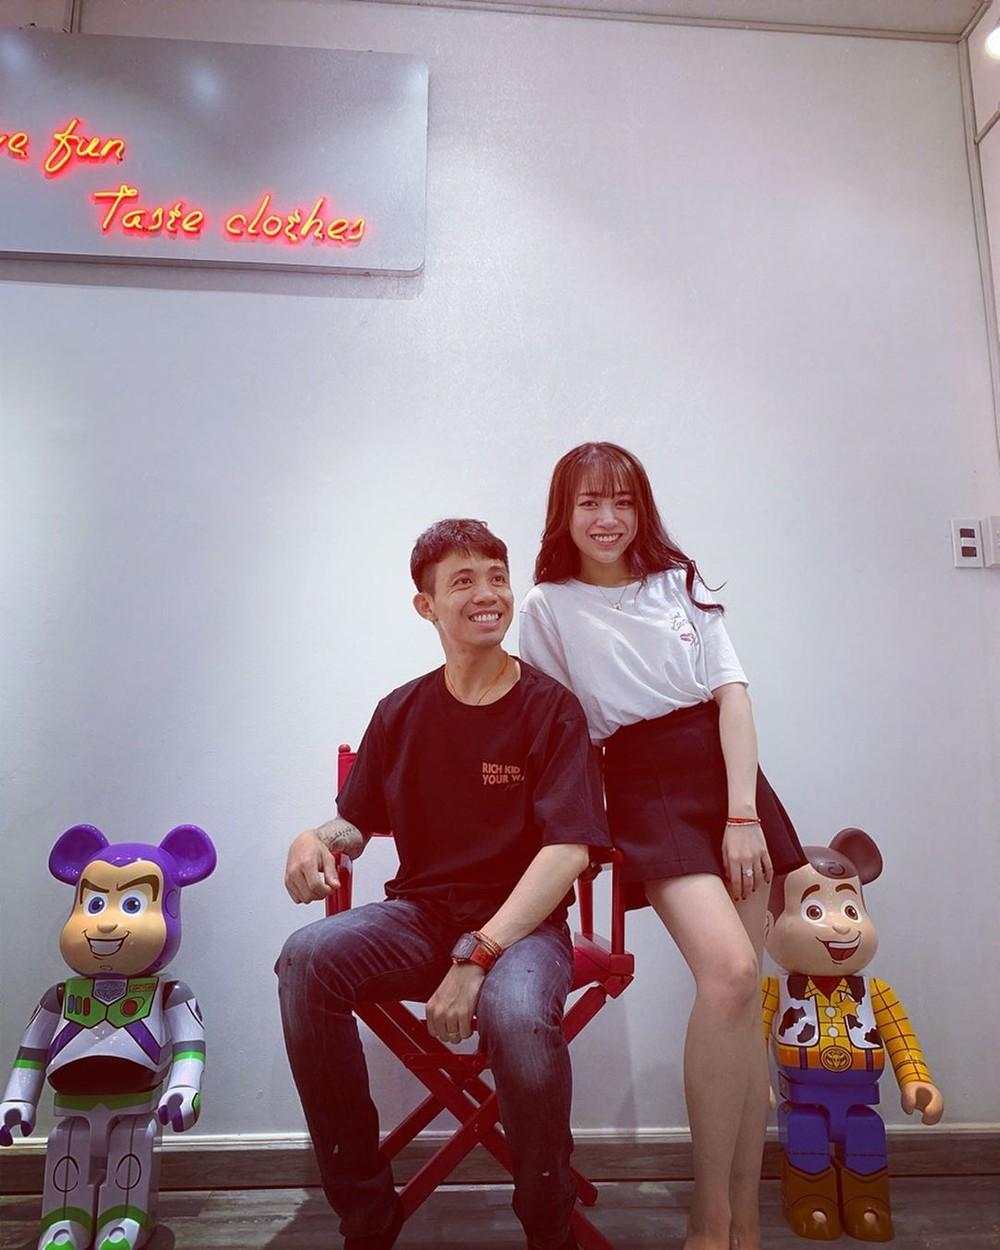 Minh Nhựa lần đầu chia sẻ hình ảnh cô con gái lớn nhân dịp mở shop quần áo